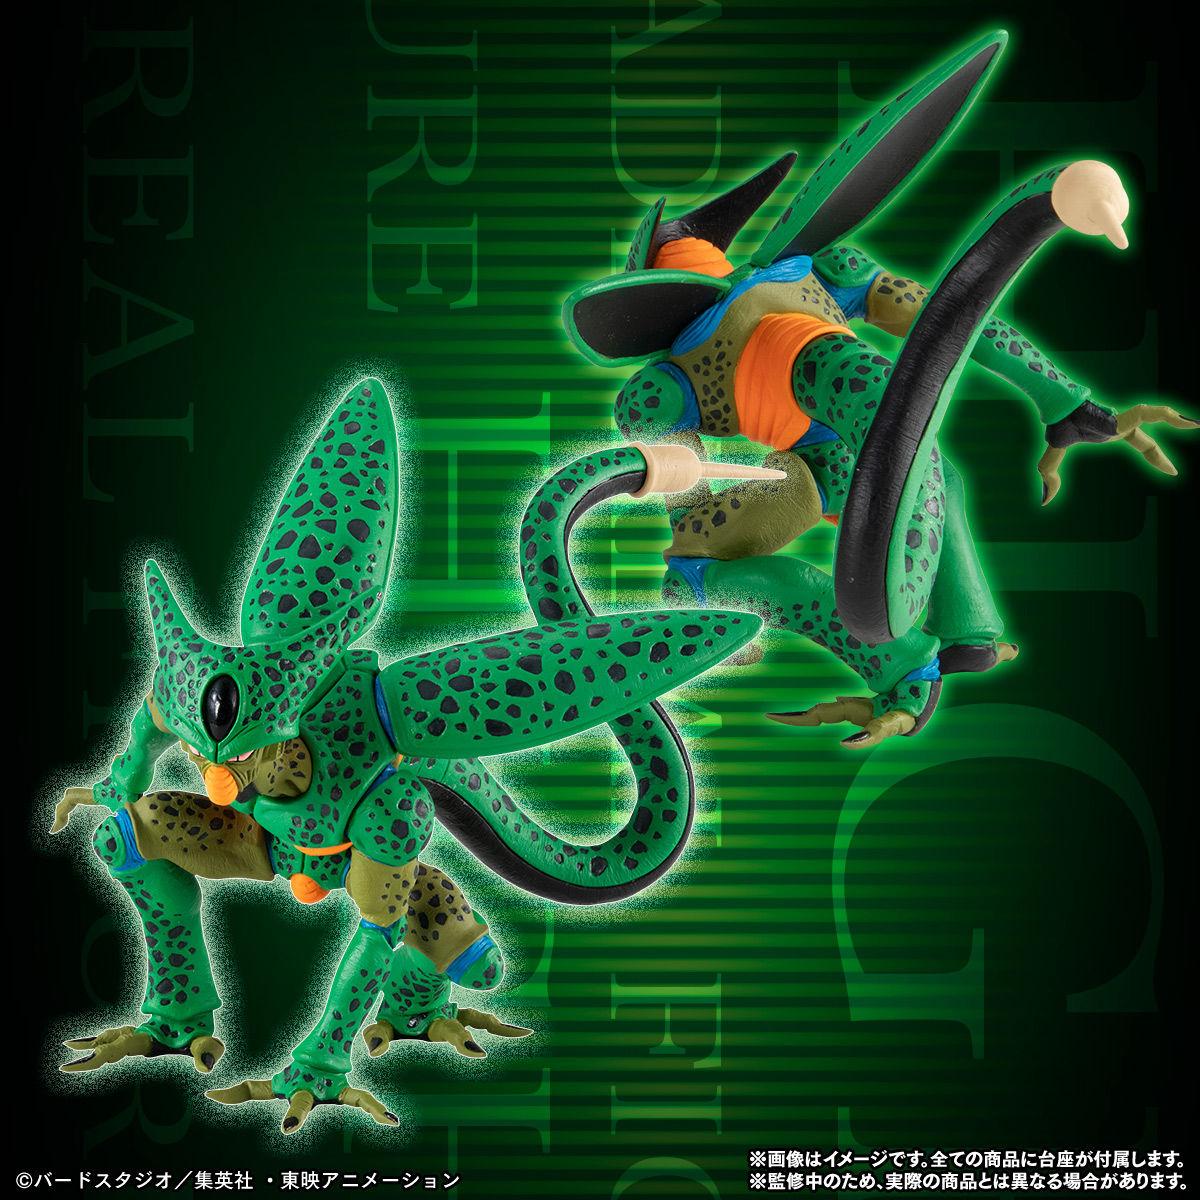 【限定販売】HGシリーズ『HG ドラゴンボール セル完全セット』全8種-003